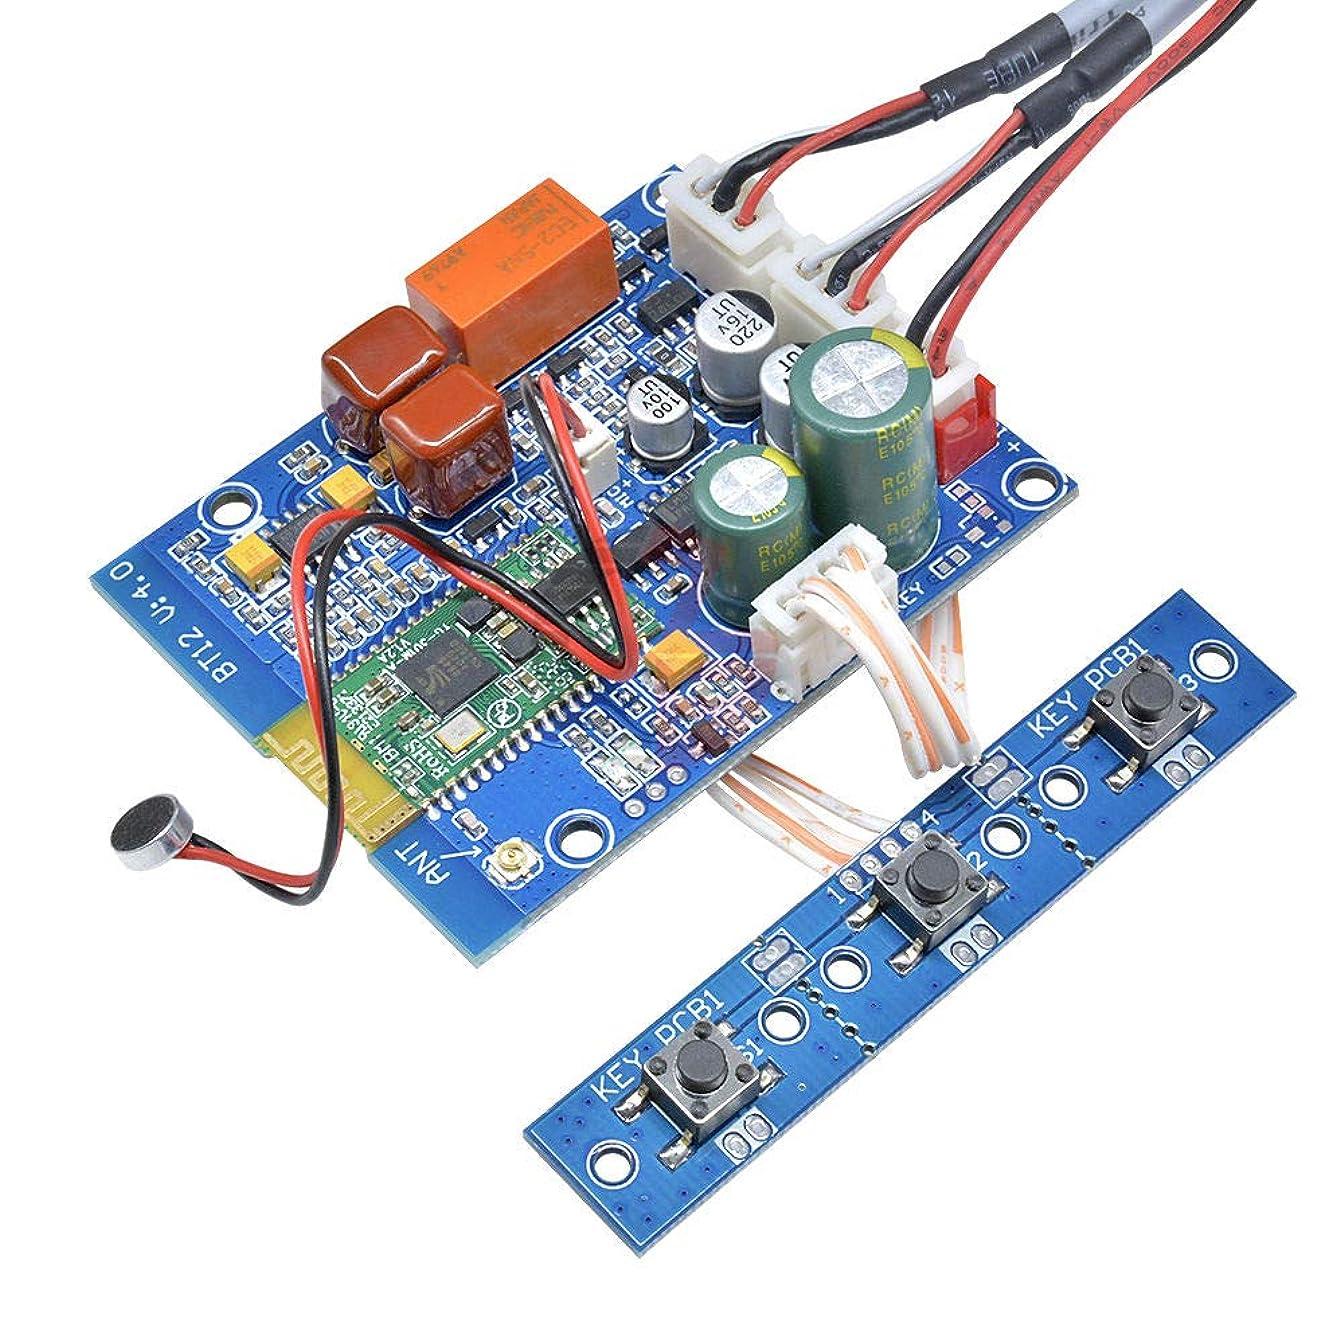 ノイズキャンセル CSR8645 ワイヤレス Bluetooth 4.0 オーディオレシーバーボード HFP A2DP AVRCP APT-X 急速充電 DIY サウンドボックス